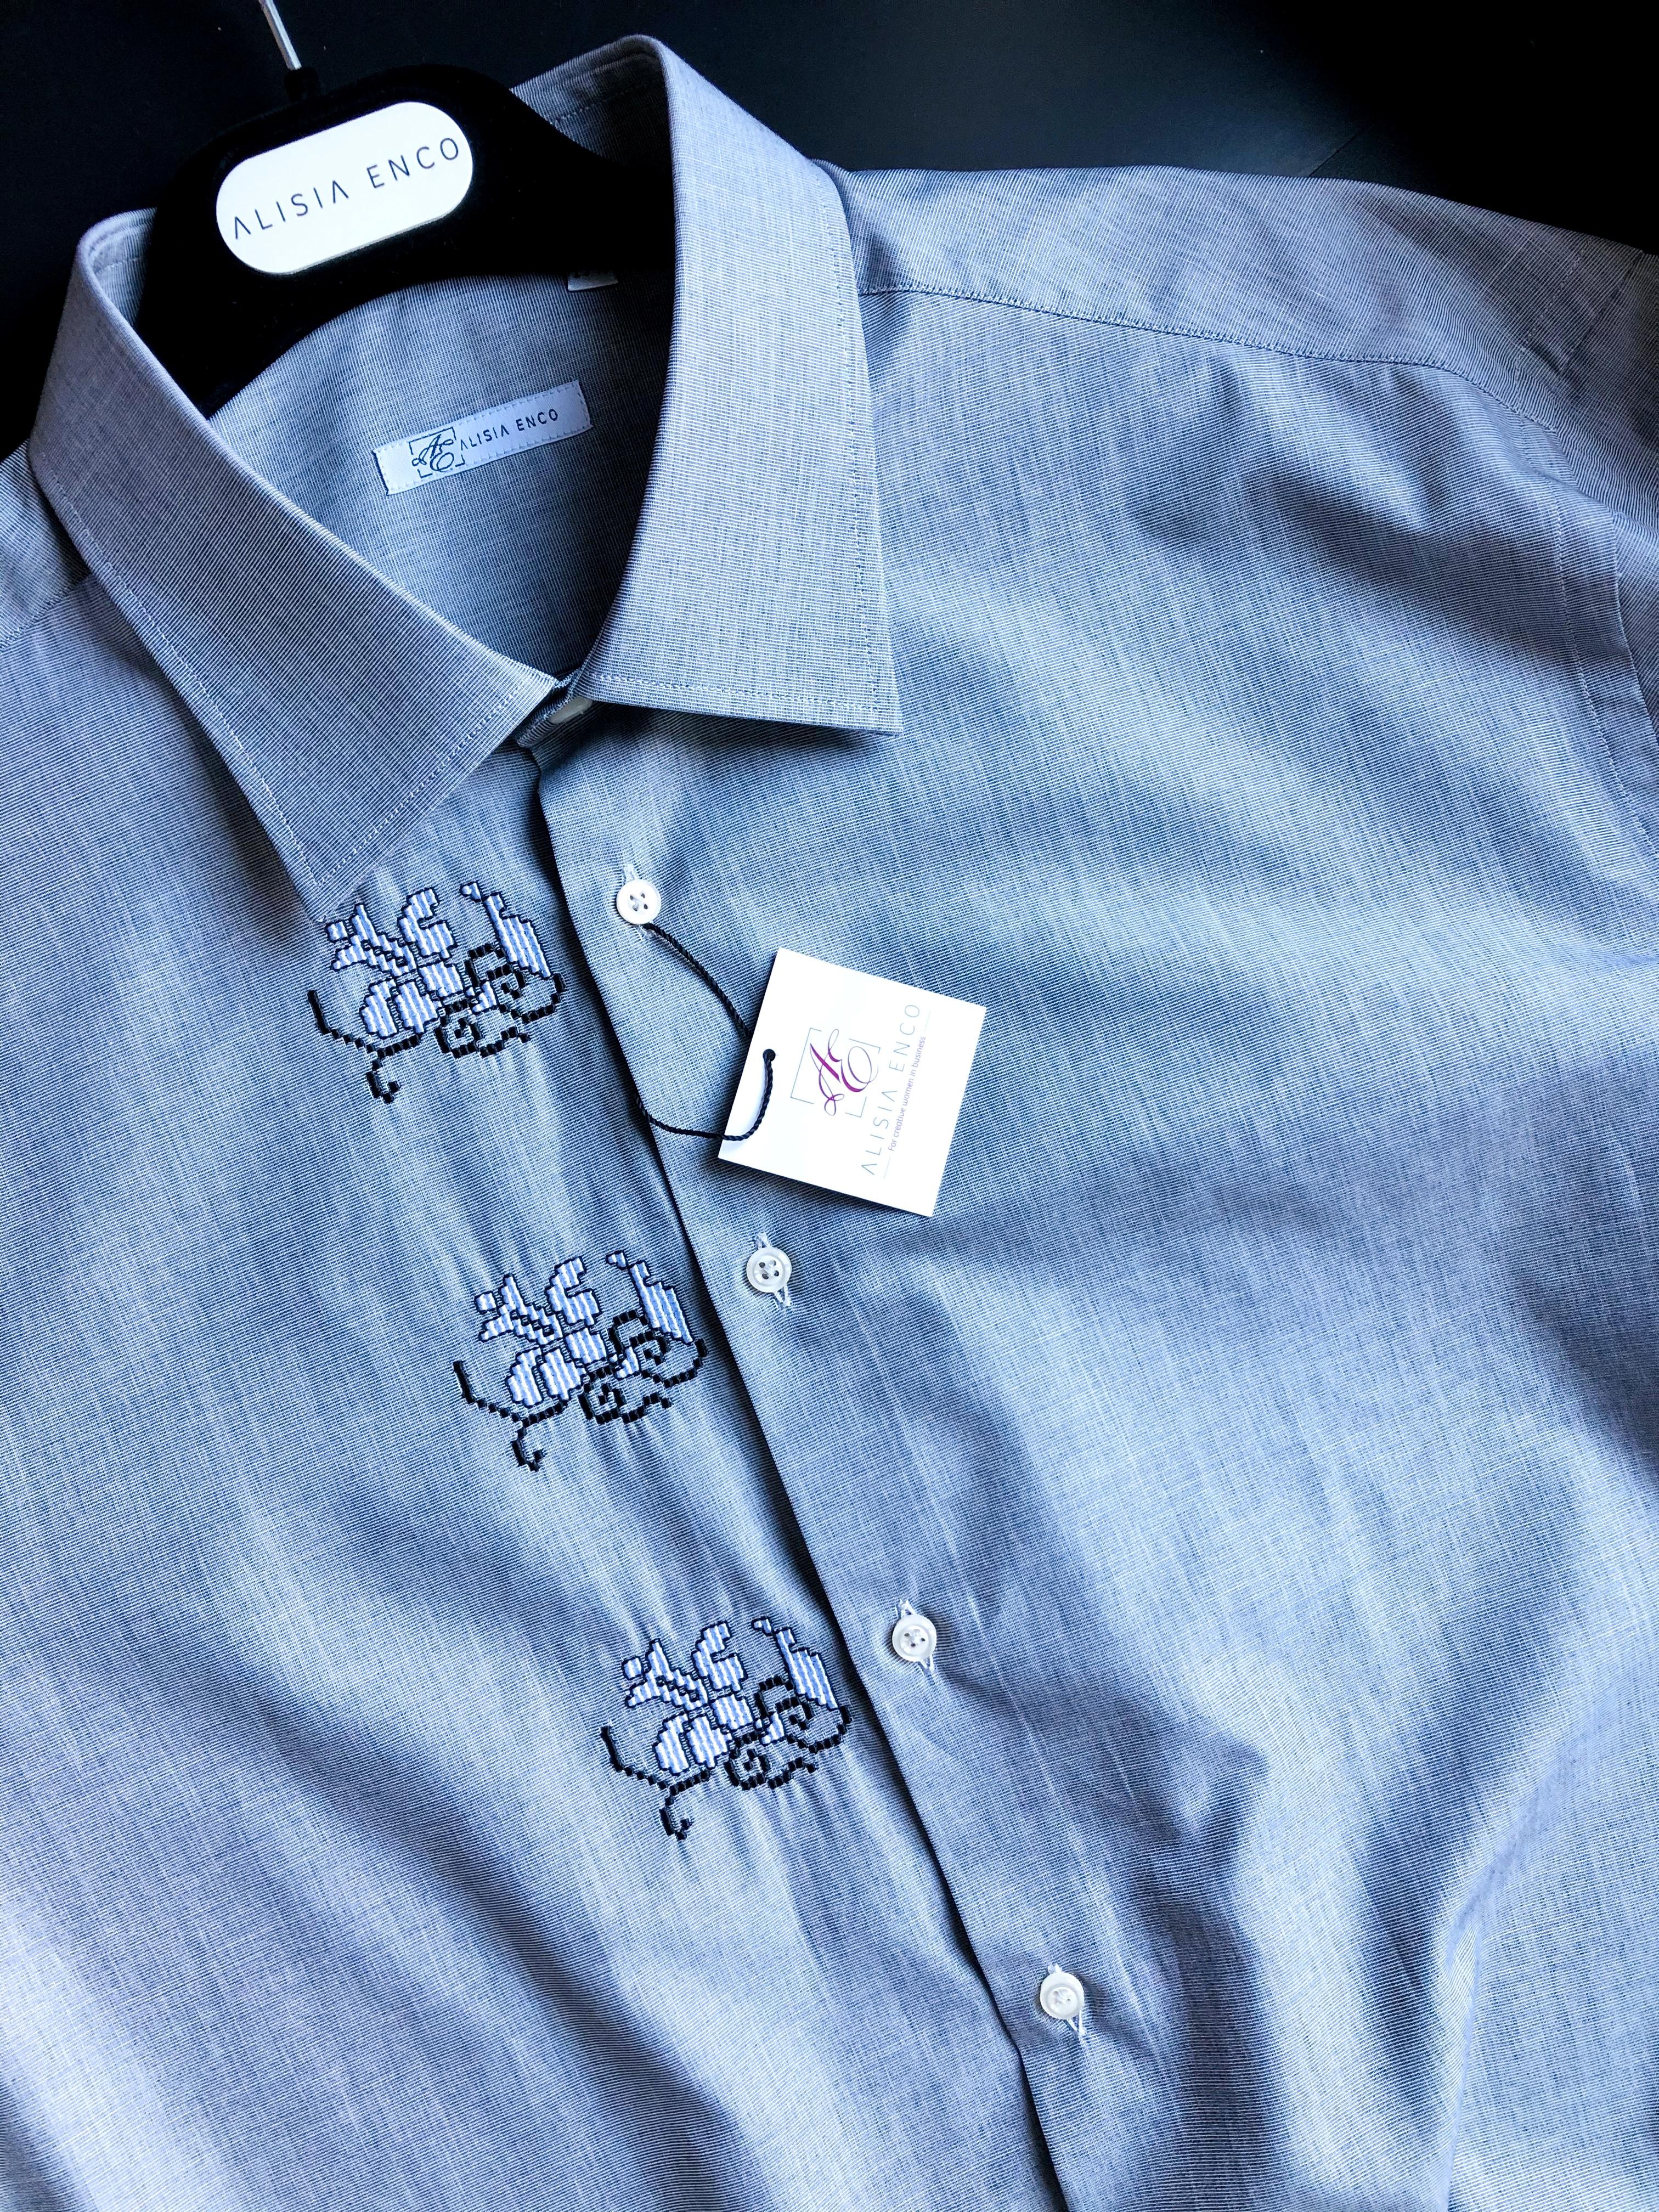 Cunoştinţe - Dongguan QunJian sport îmbrăcăminte Co., Ltd